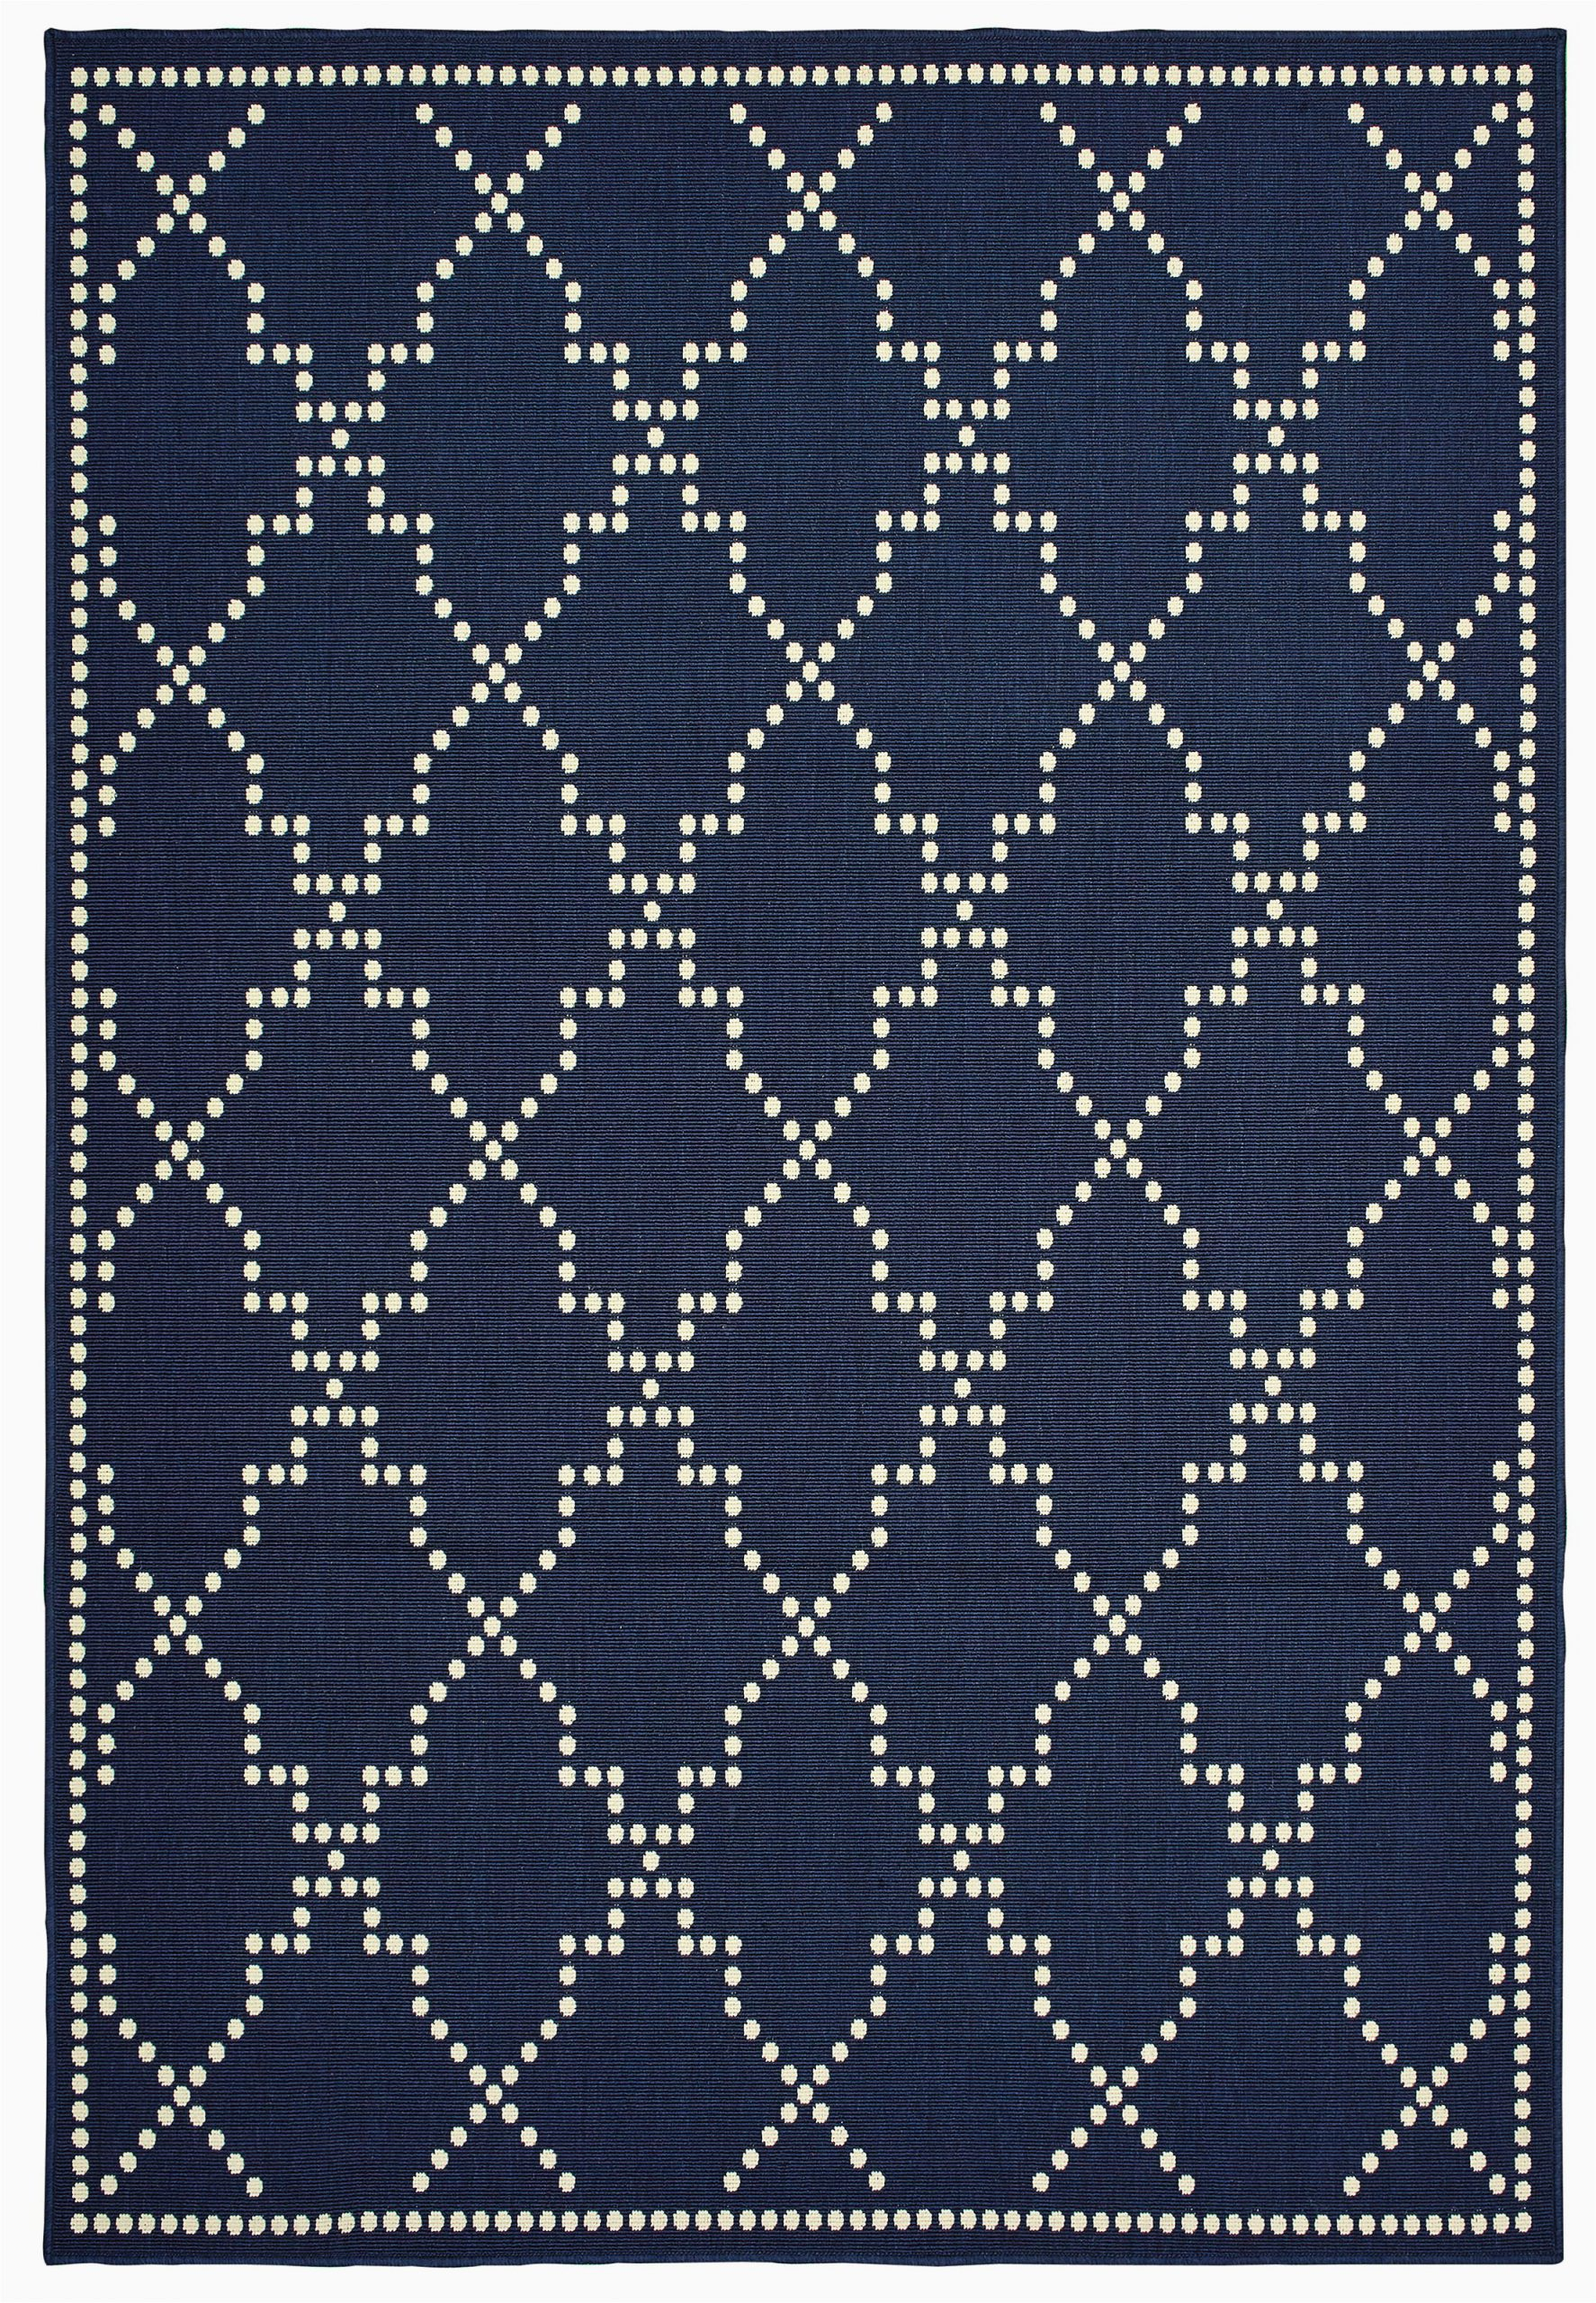 mercer41 castano casual navy indooroutdoor area rug w